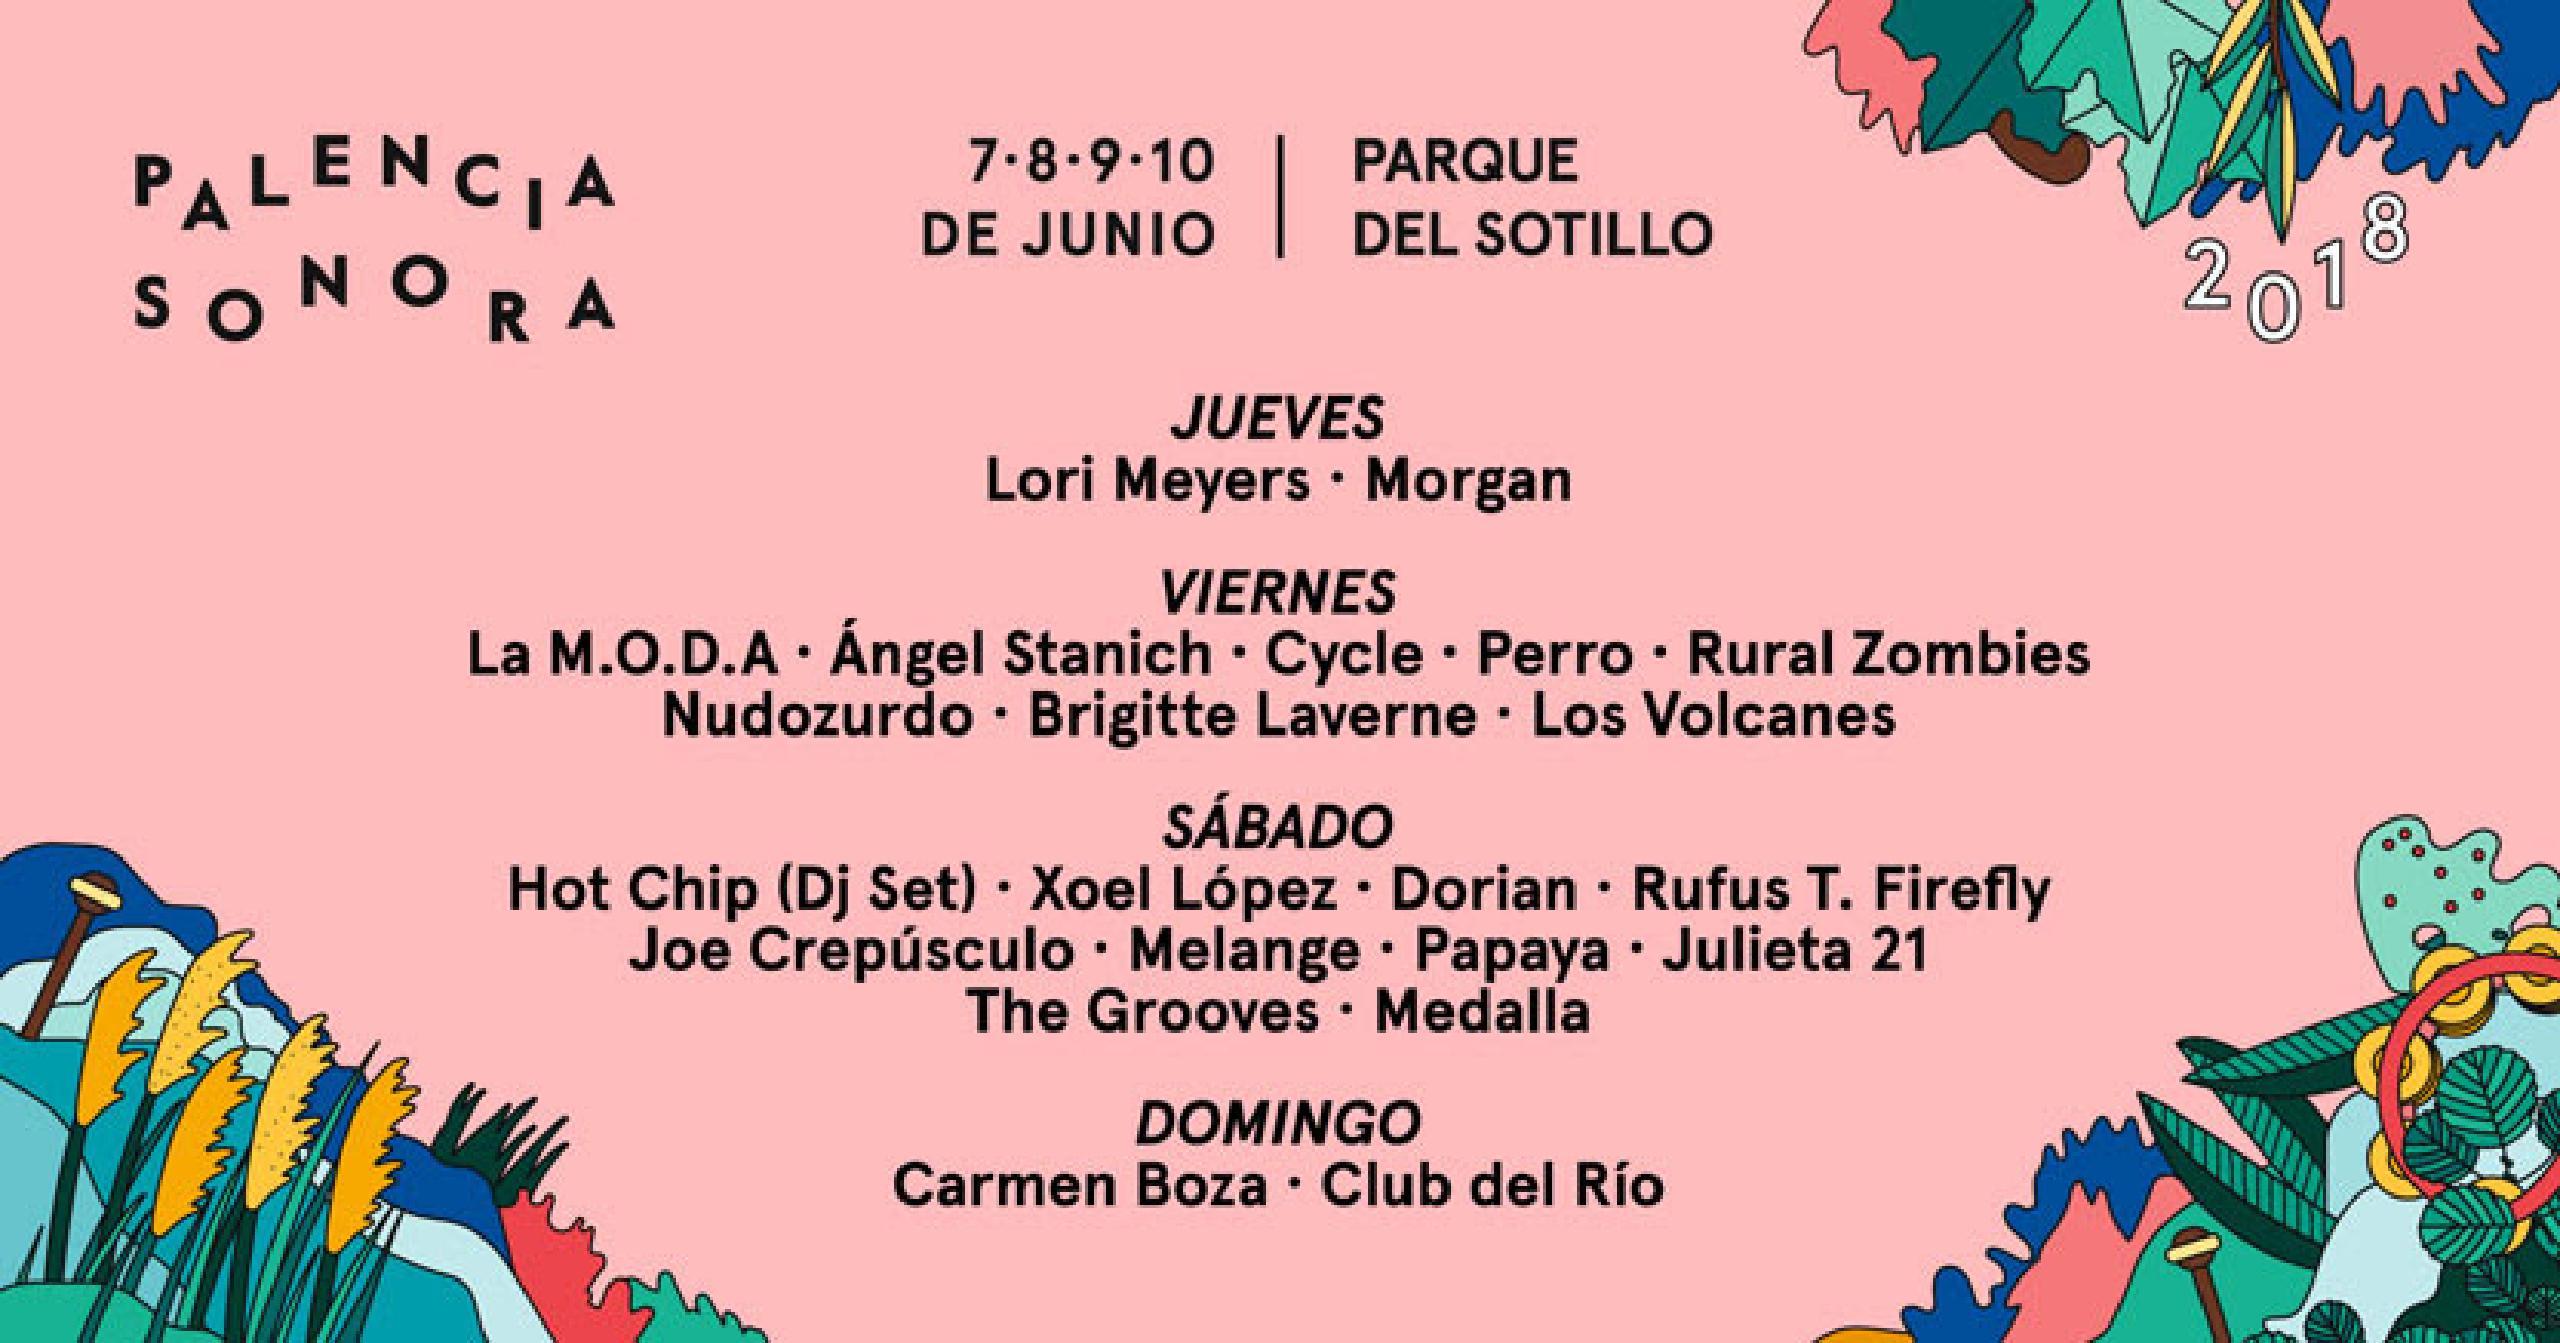 Cartel por días Palencia Sonora 2018